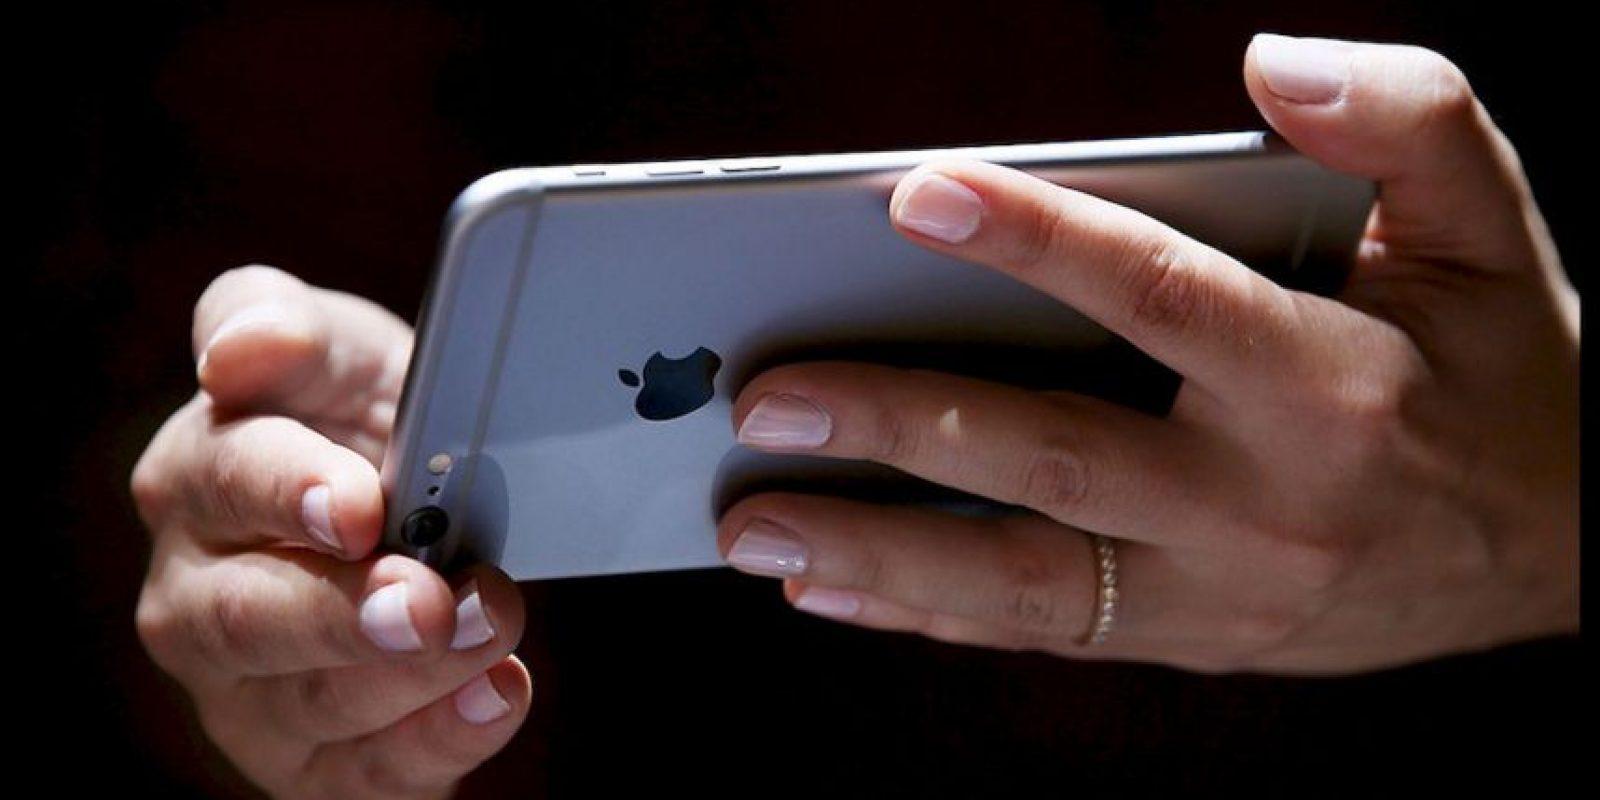 Aún no se confirman las novedades que tendrá el iPhone 7 y ya hay usuarios que están molestos por los rumores. Foto:Getty Images. Imagen Por: